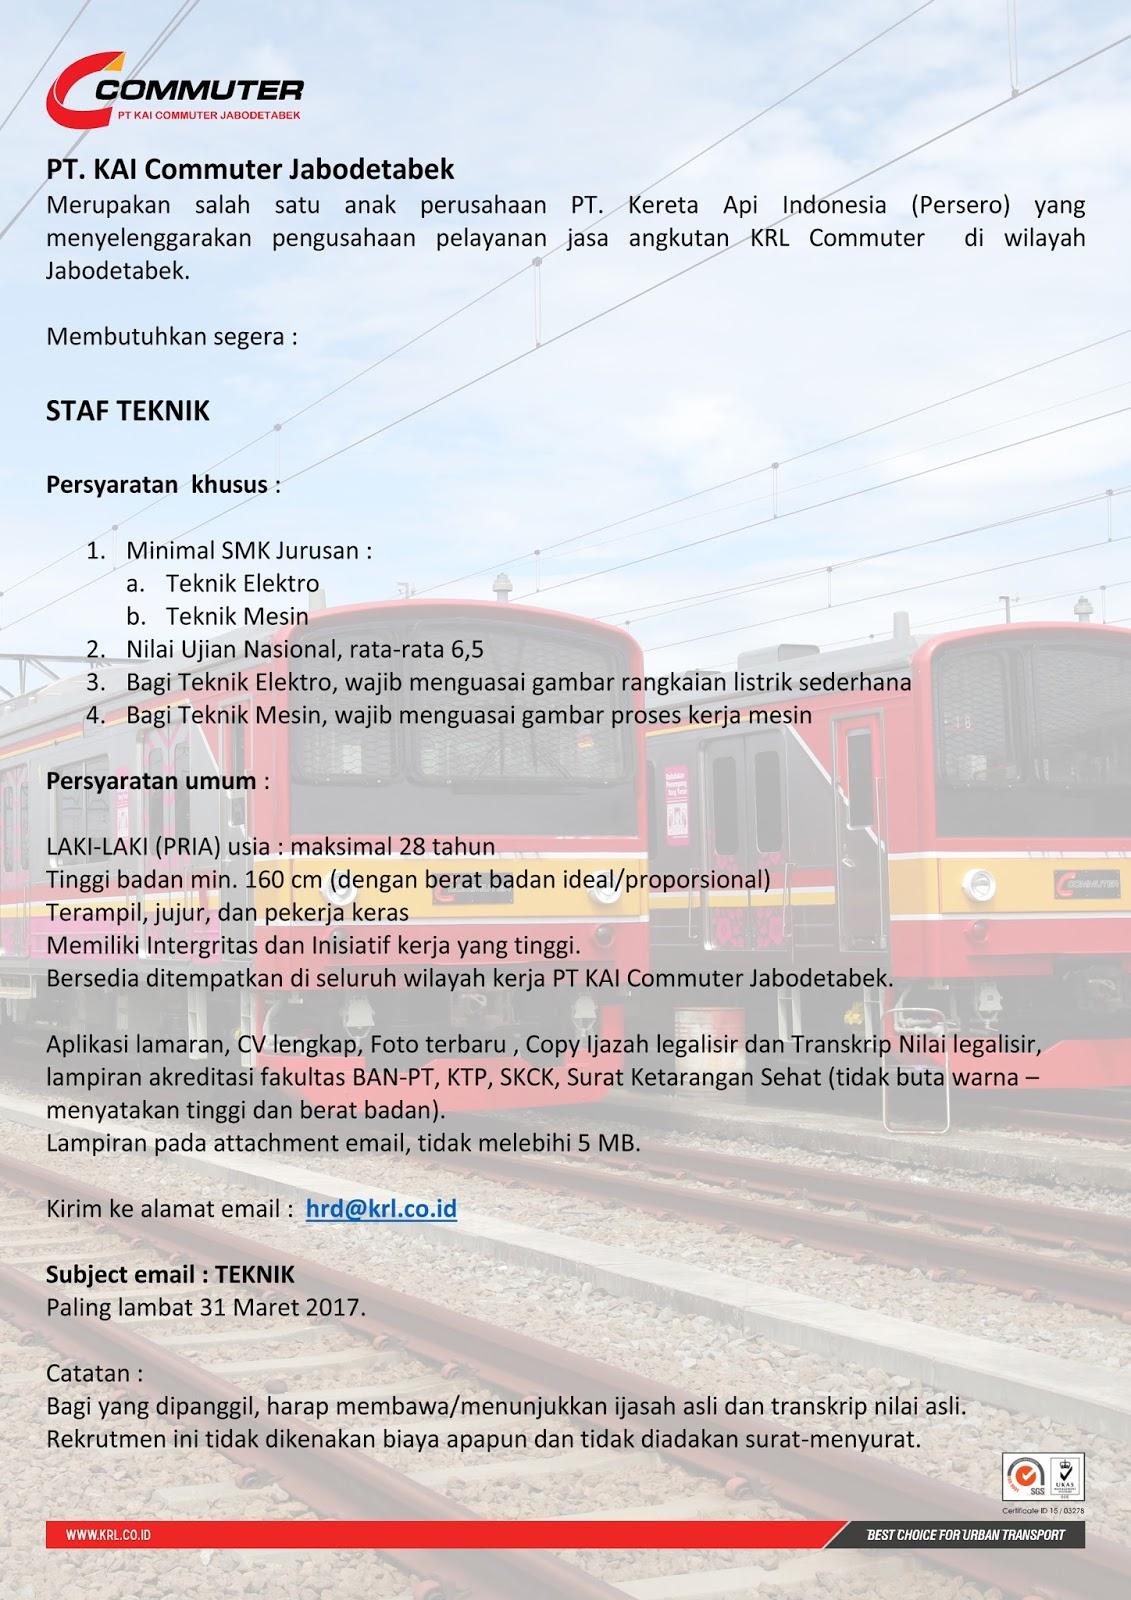 Lowongan Kerja Pt Kai Commuter Jabodetabek Hingga 31 Maret